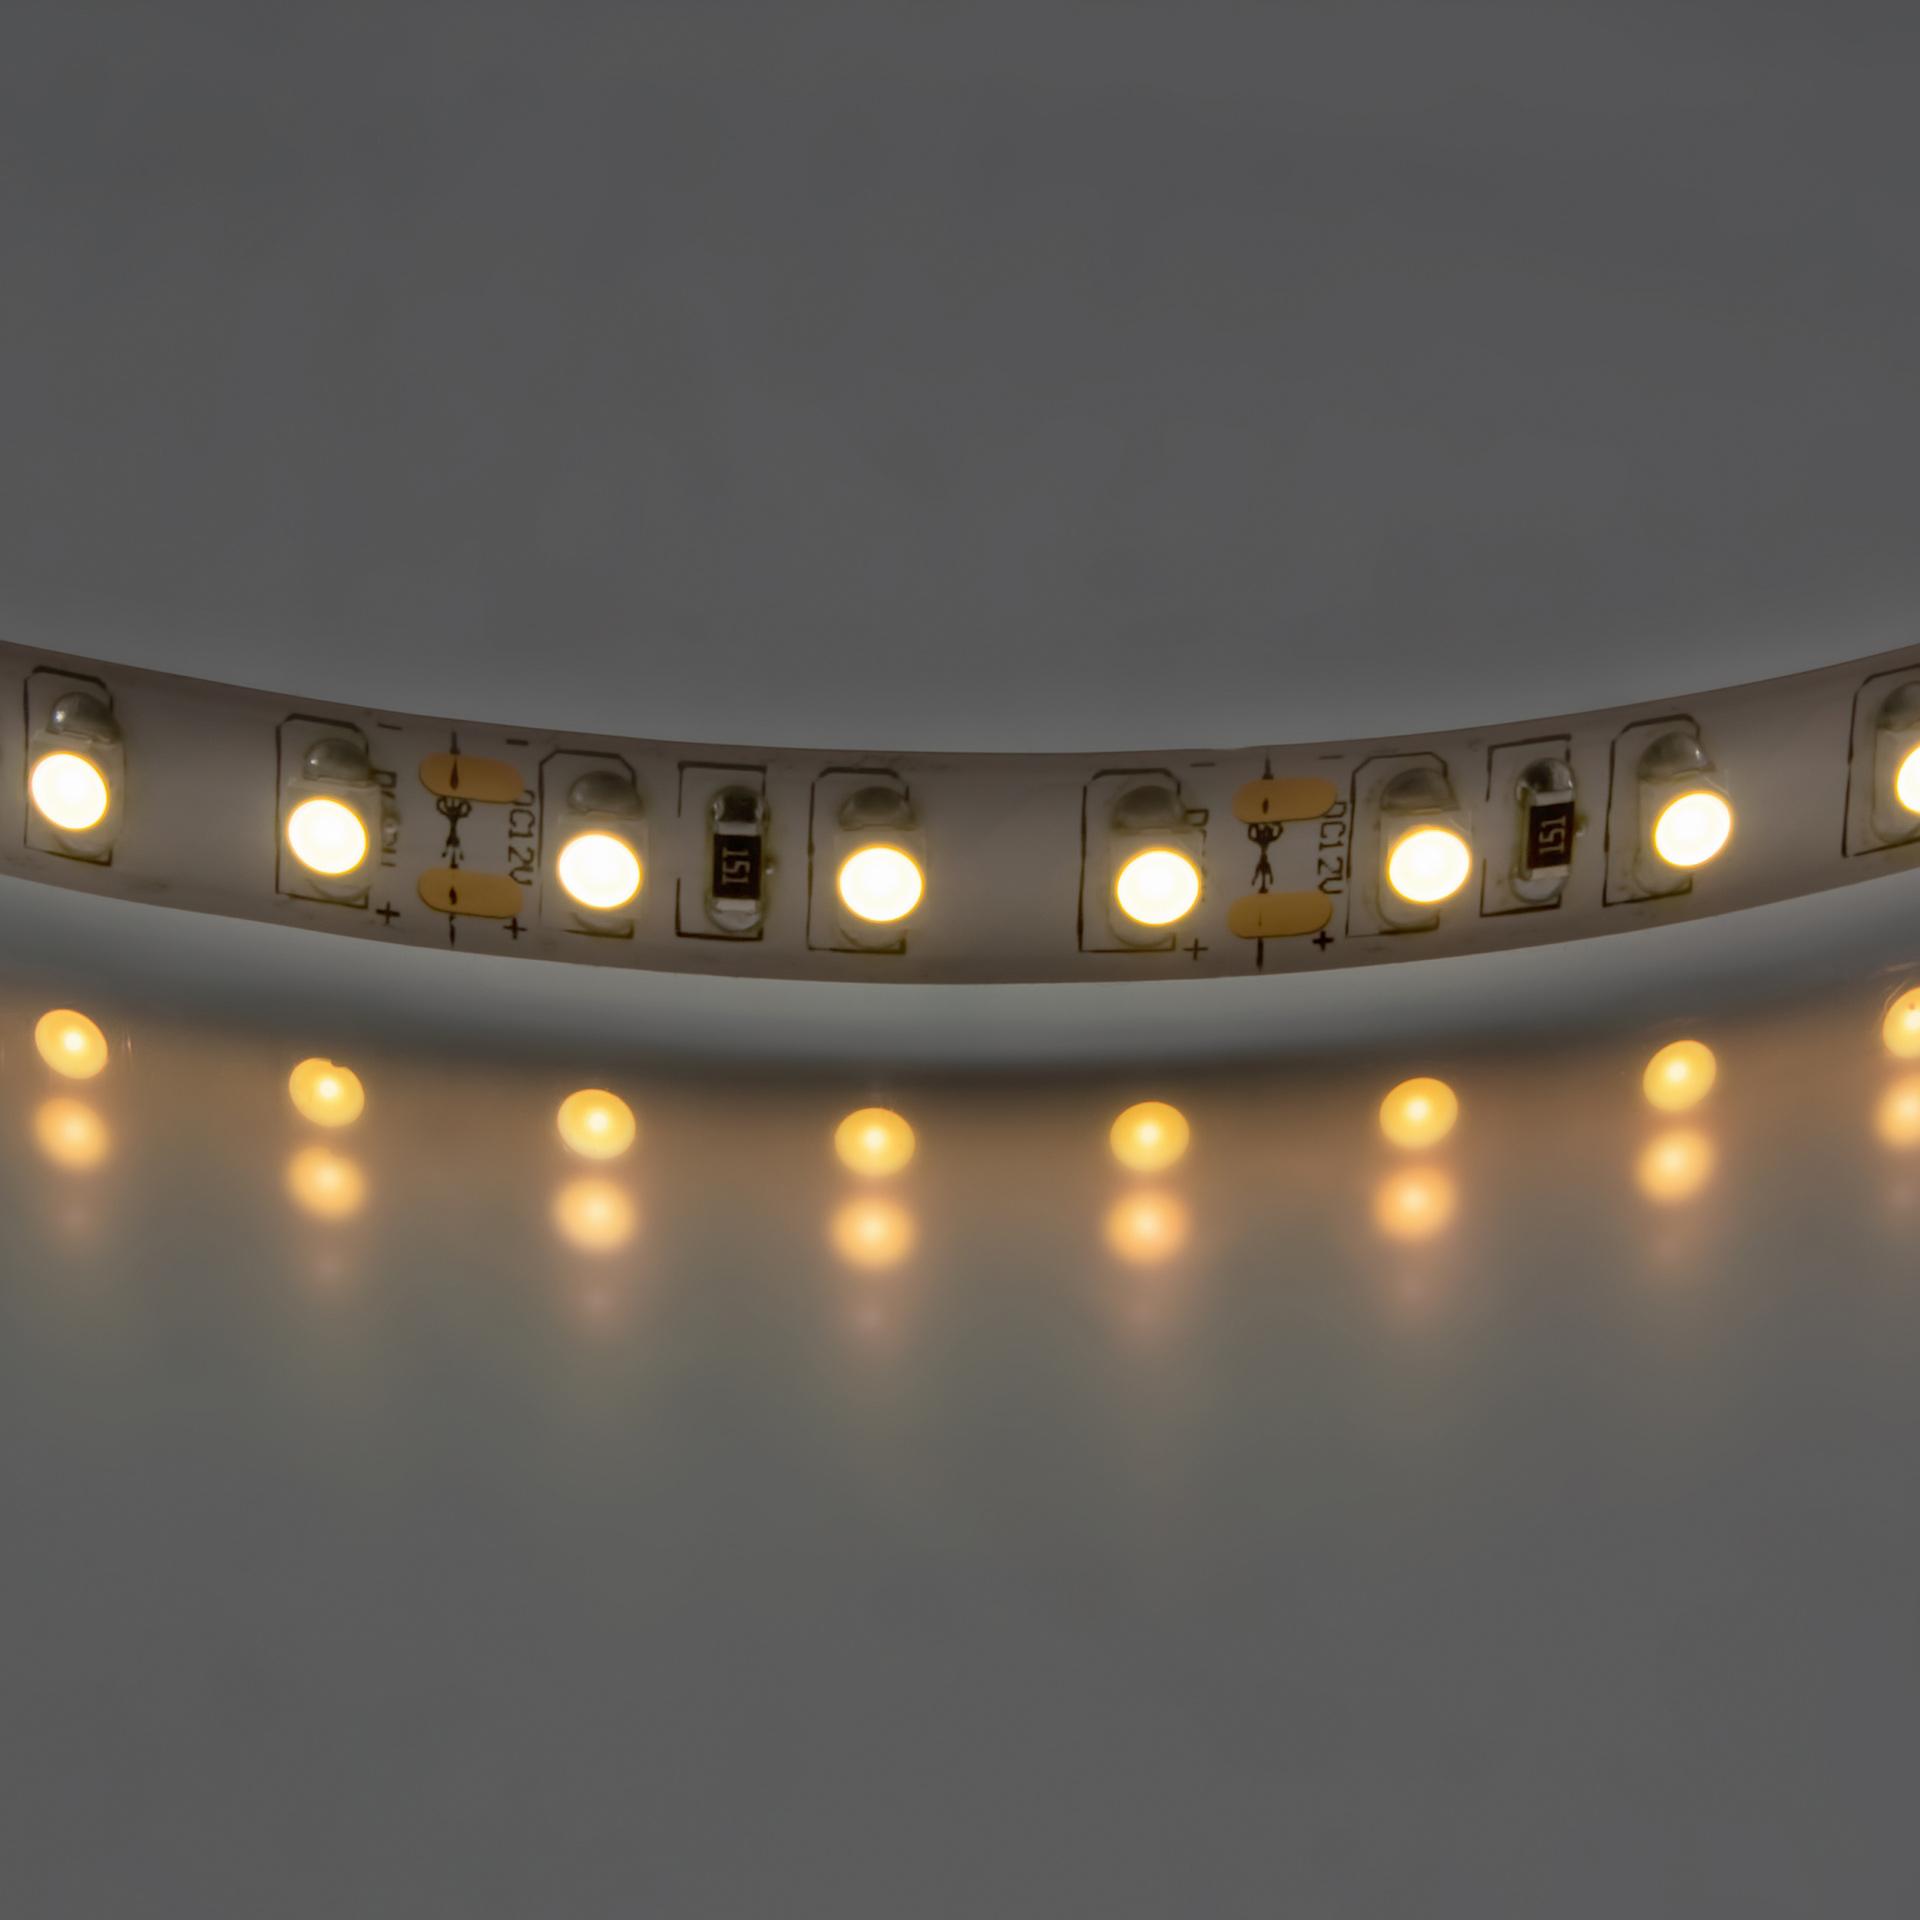 Лента 3528 LED 12V 9.6W IP20 2700K-3000K 200m теплый белый свет Lightstar 400012, купить в СПб, Москве, с доставкой, Санкт-Петербург, интернет-магазин люстр и светильников Starlight, фото в жизни